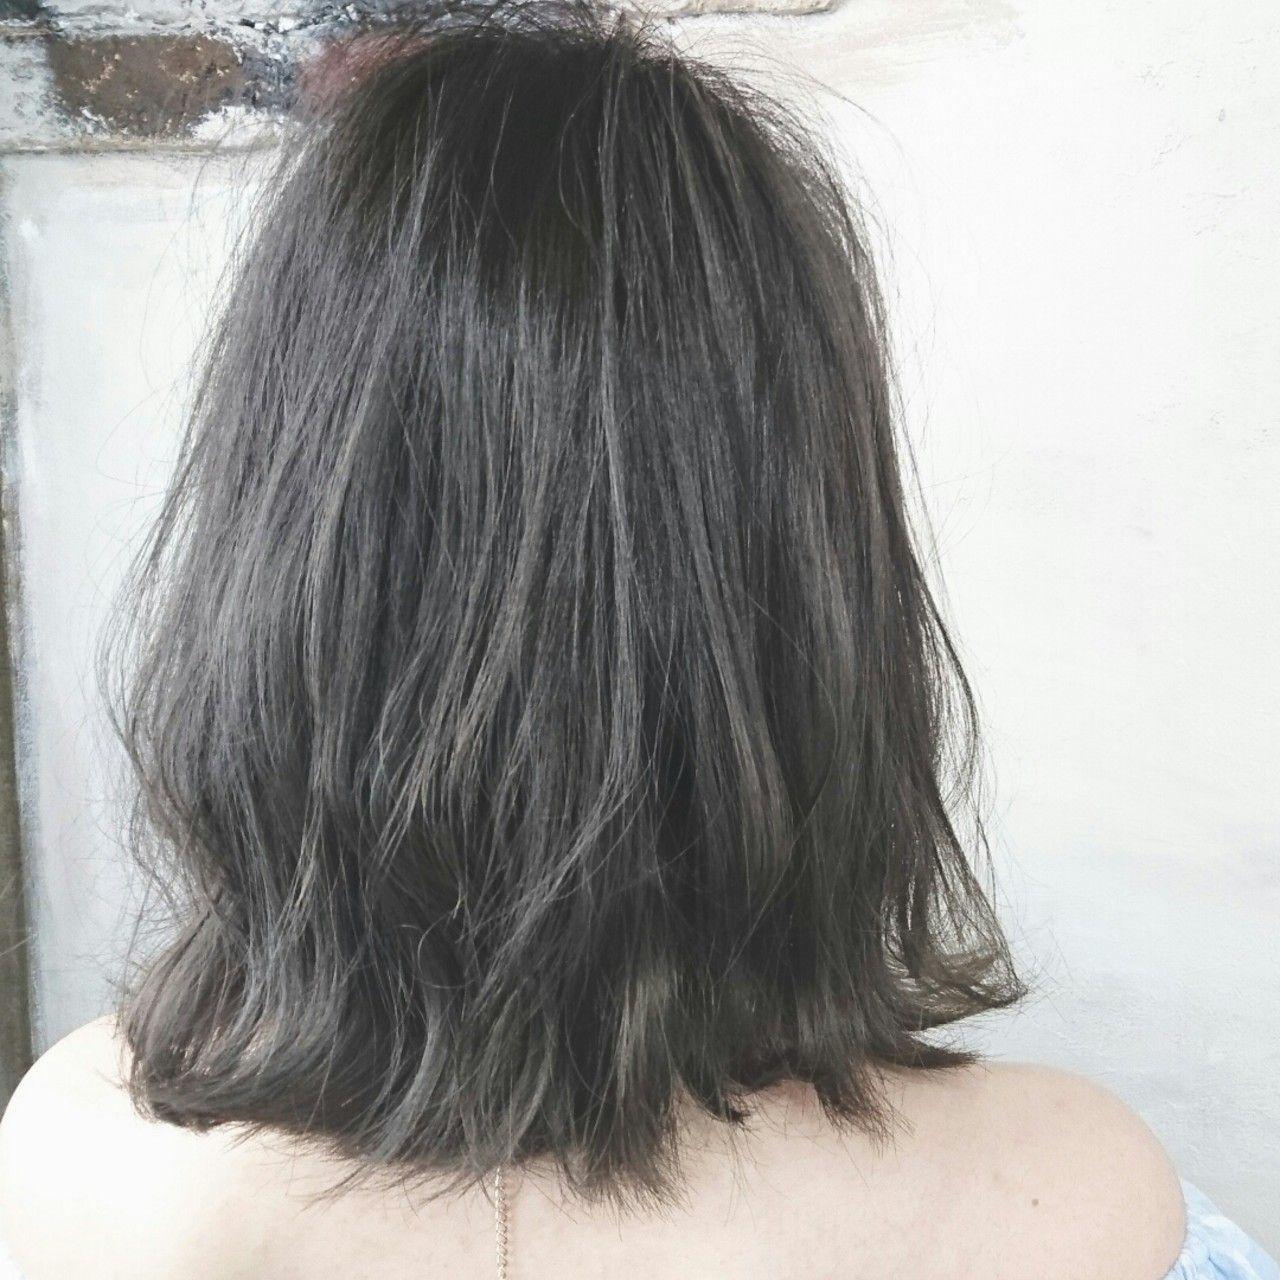 外国人風ヘアカラーは、ブリーチをしてからカラーリングするのが一般的。 しかし、ネイビーグレーはブリーチなしでも楽しめる優れもの!  もともの髪色に重ねてもキレイ